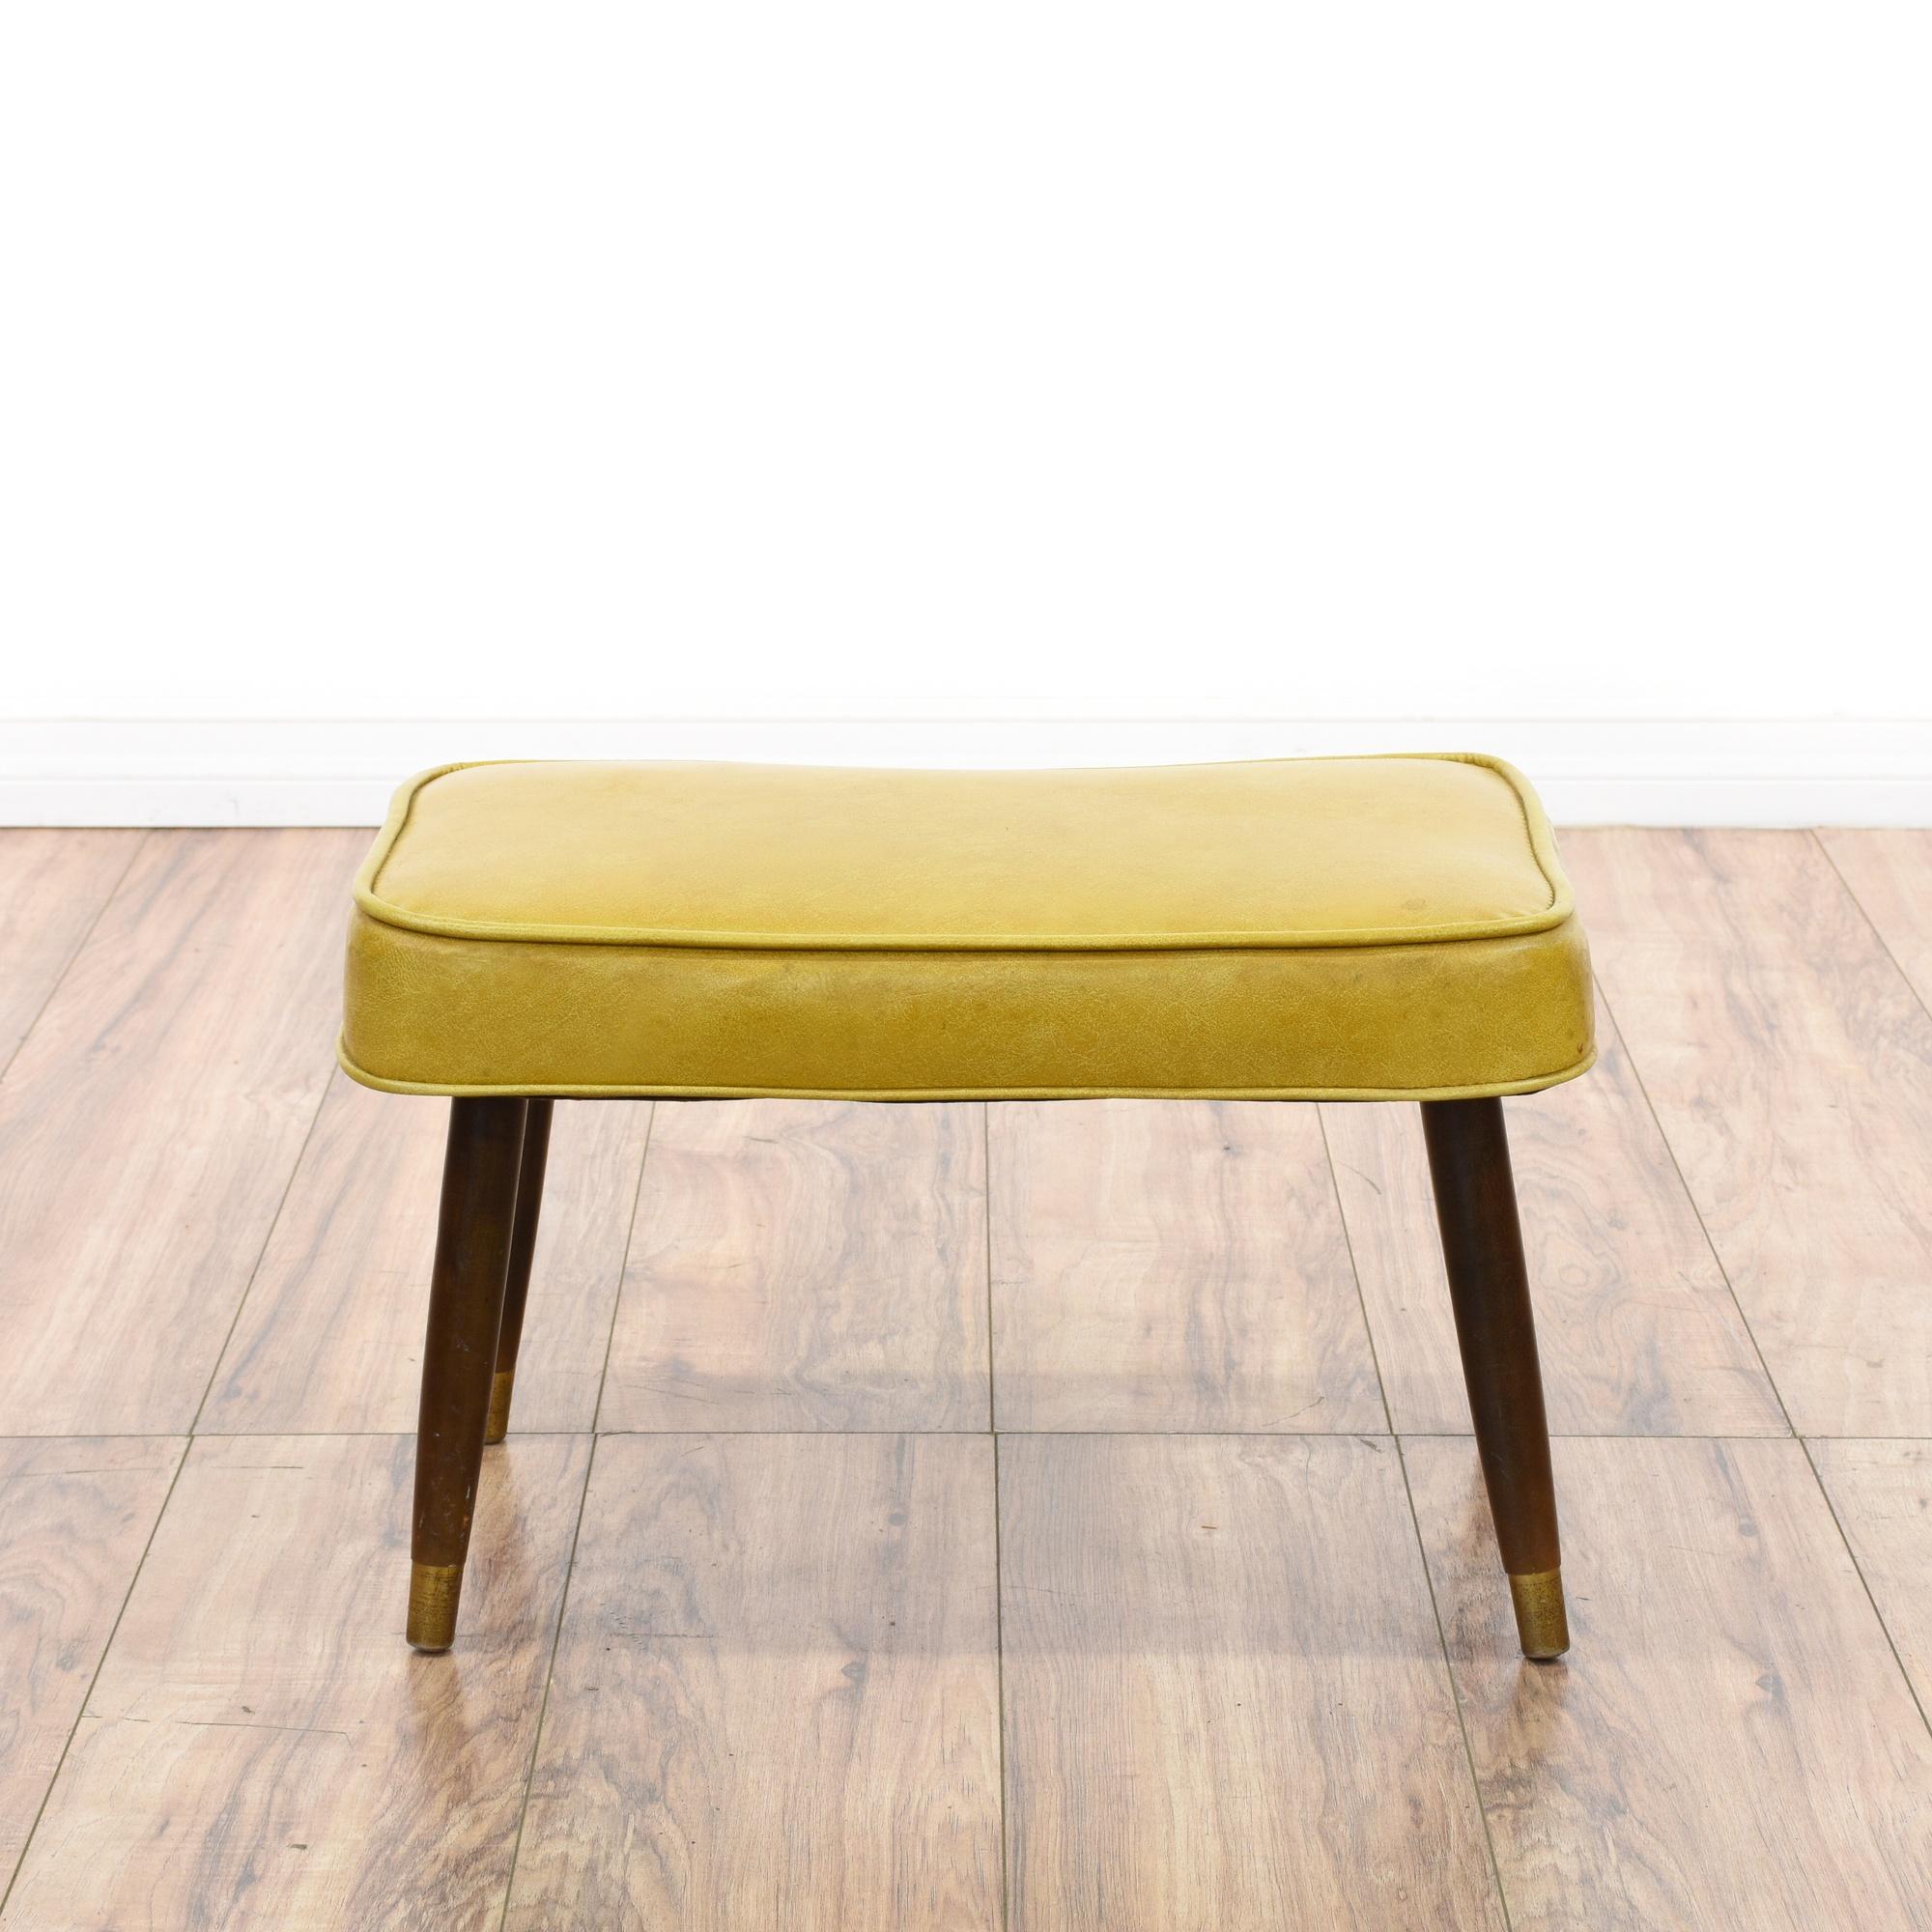 Mid century modern yellow vinyl ottoman loveseat vintage for Mid century modern la